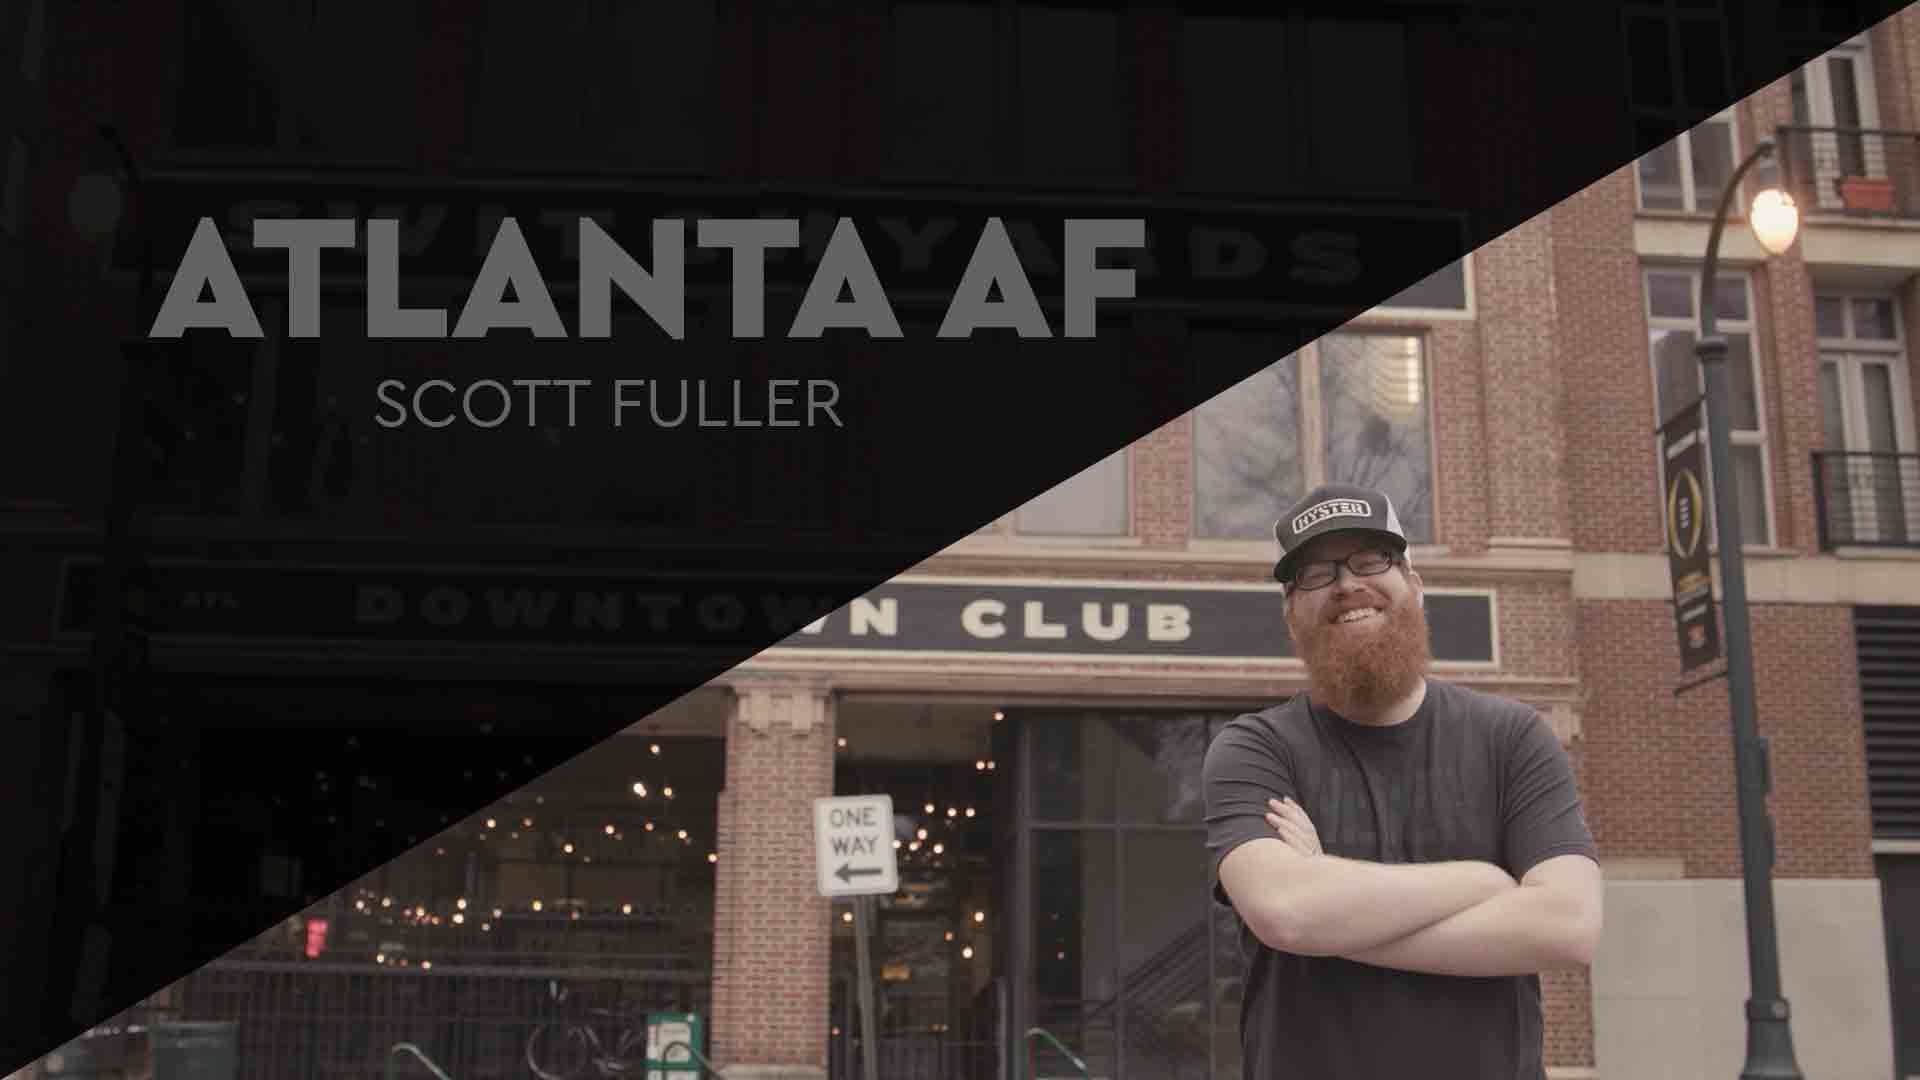 Atlanta AF: Scott Fuller